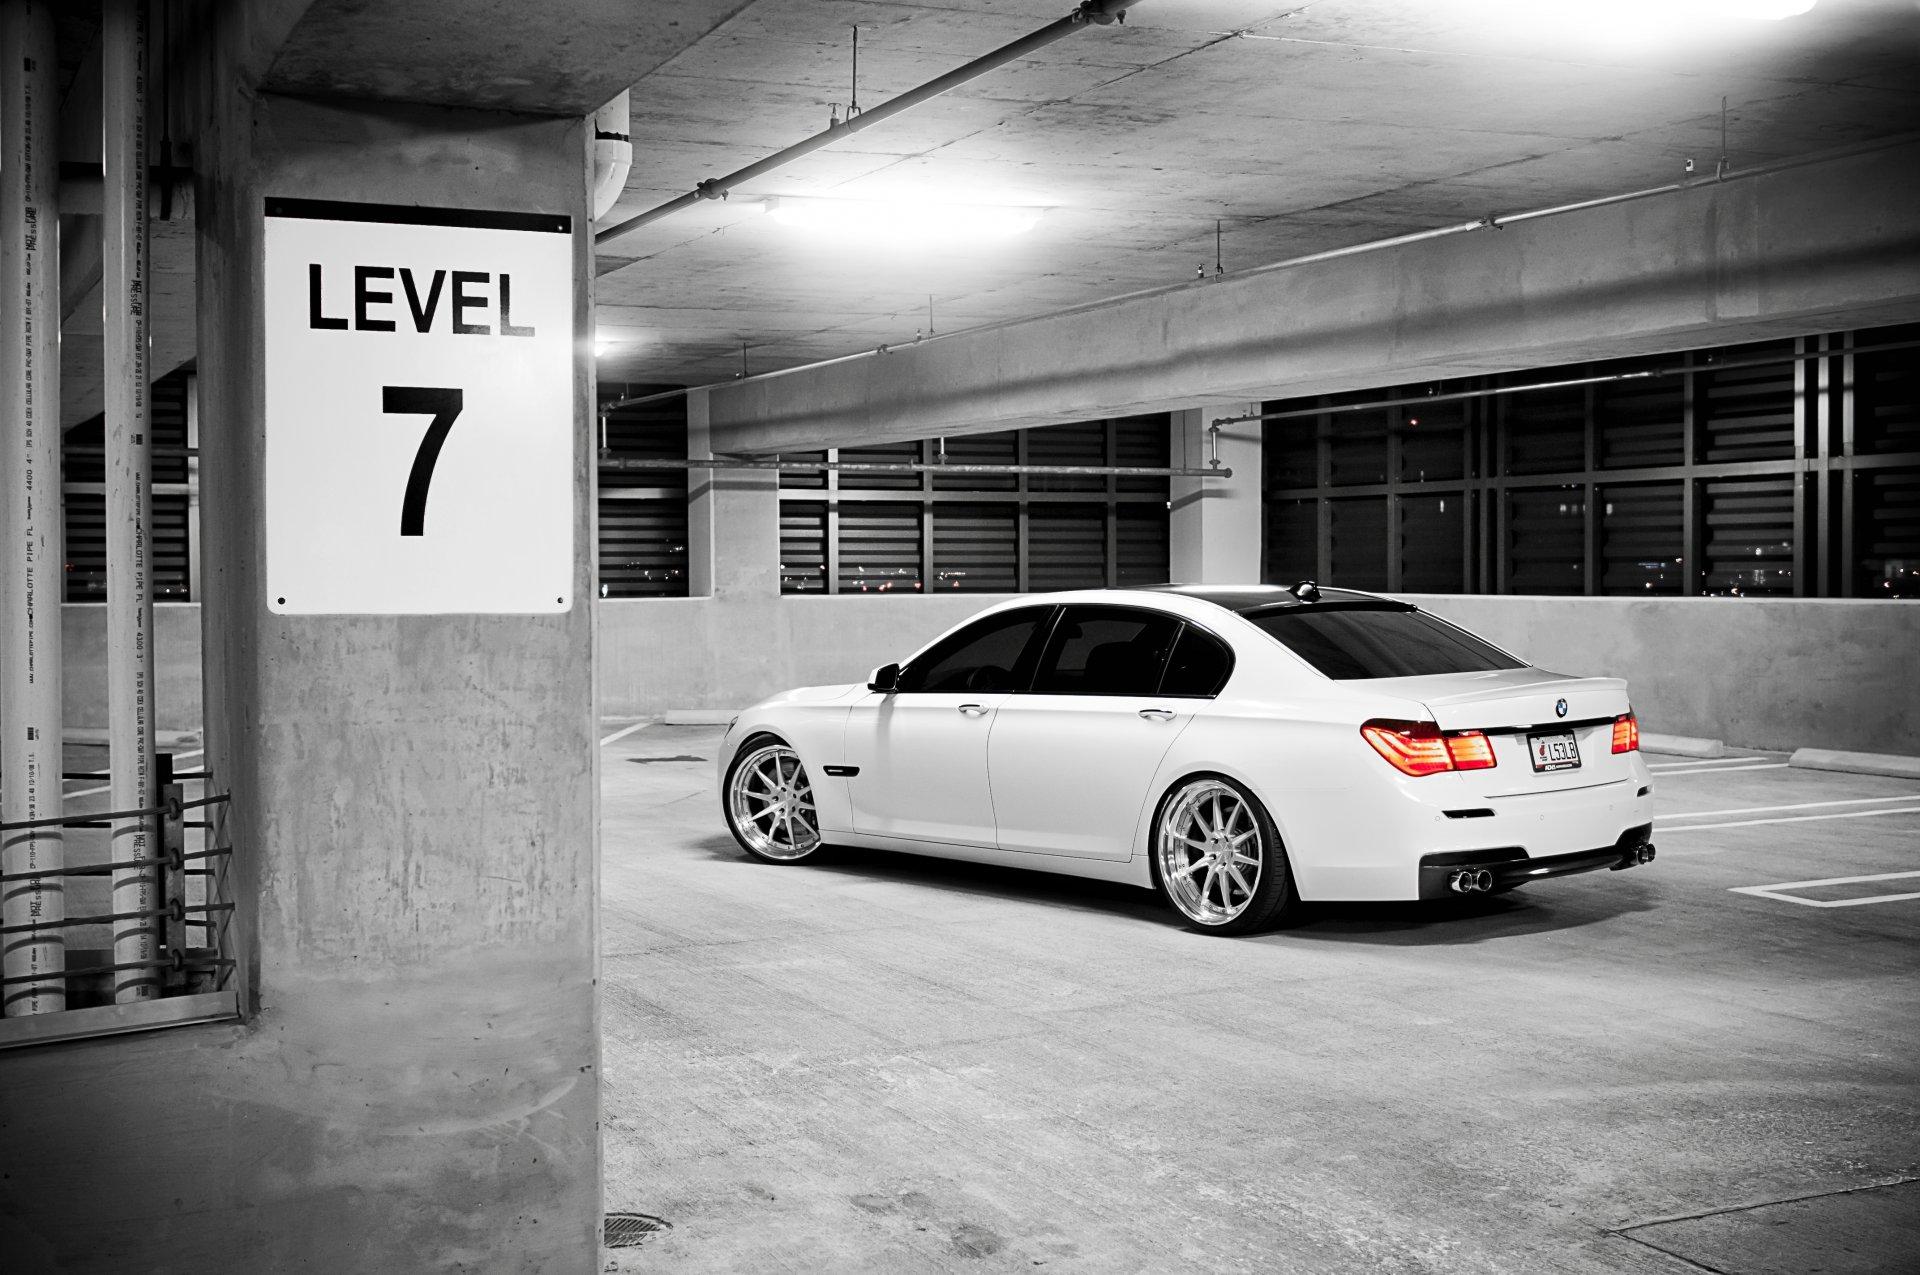 серый автомобиль парковка архитектура загрузить